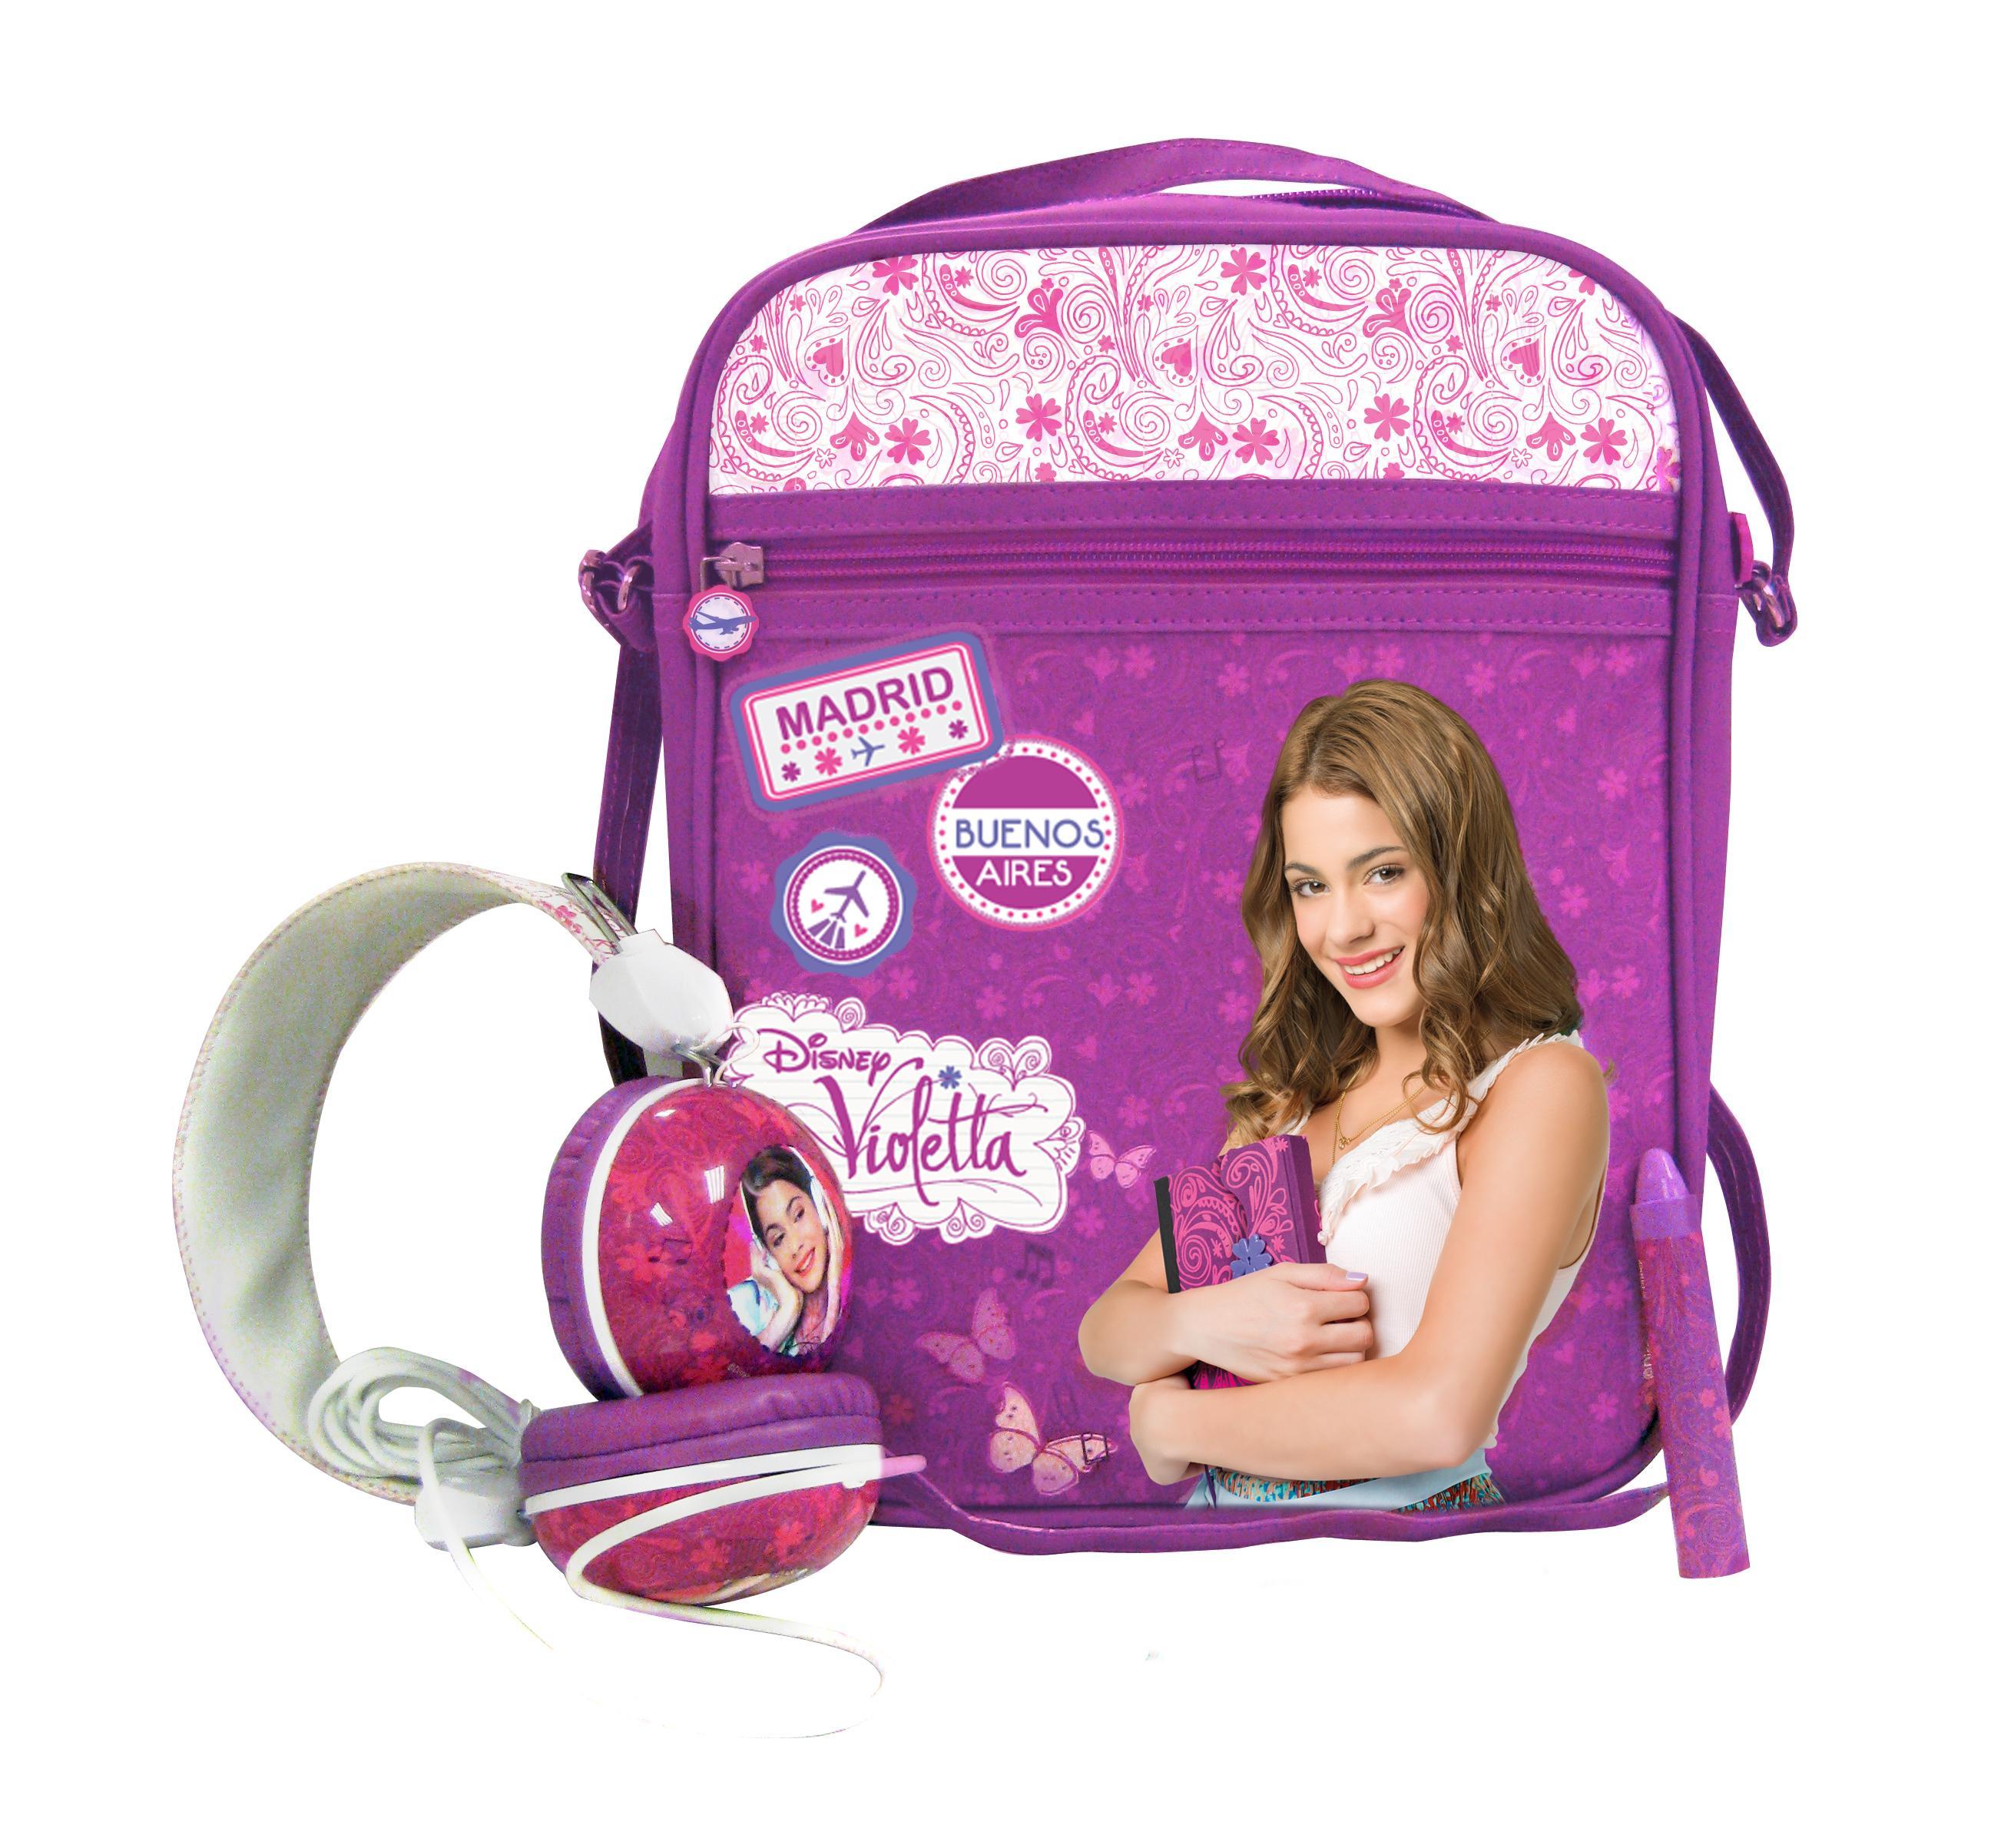 Ingo via025z jeu electronique pack accessoires - Jeux de fille de violetta ...